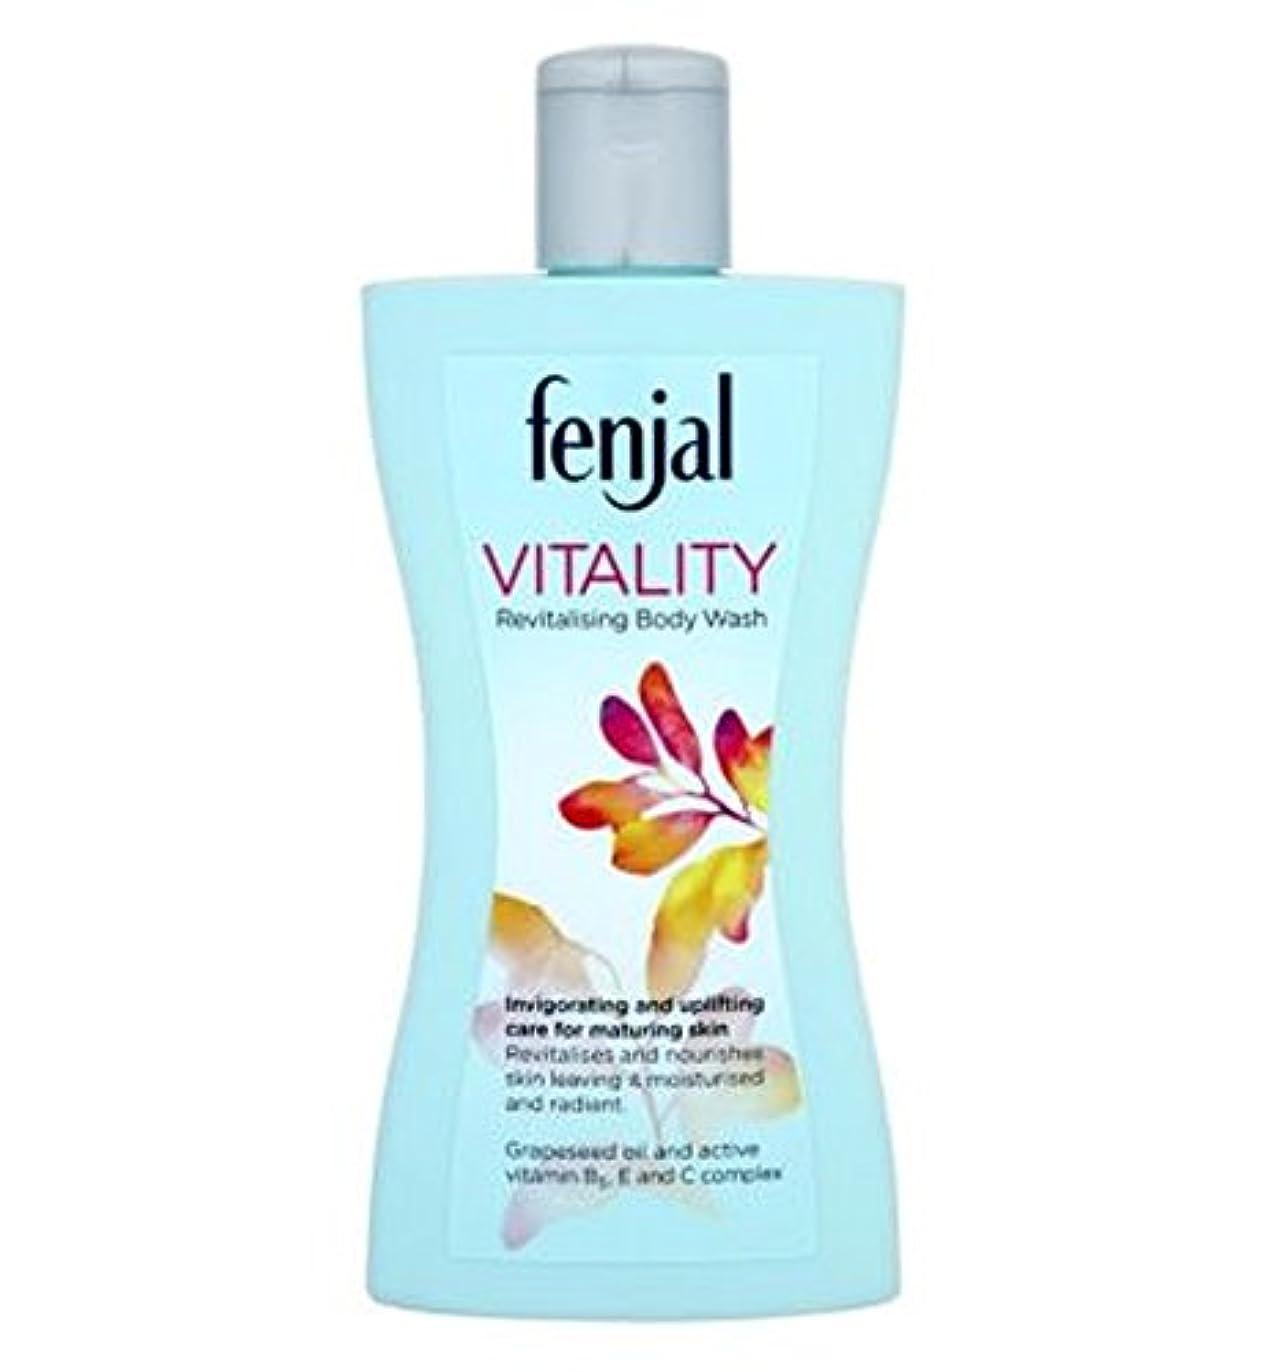 鎮静剤国飢えFenjal Vitality revitalising Body Wash - Fenjal活力活性化ボディウォッシュ (Fenjal) [並行輸入品]